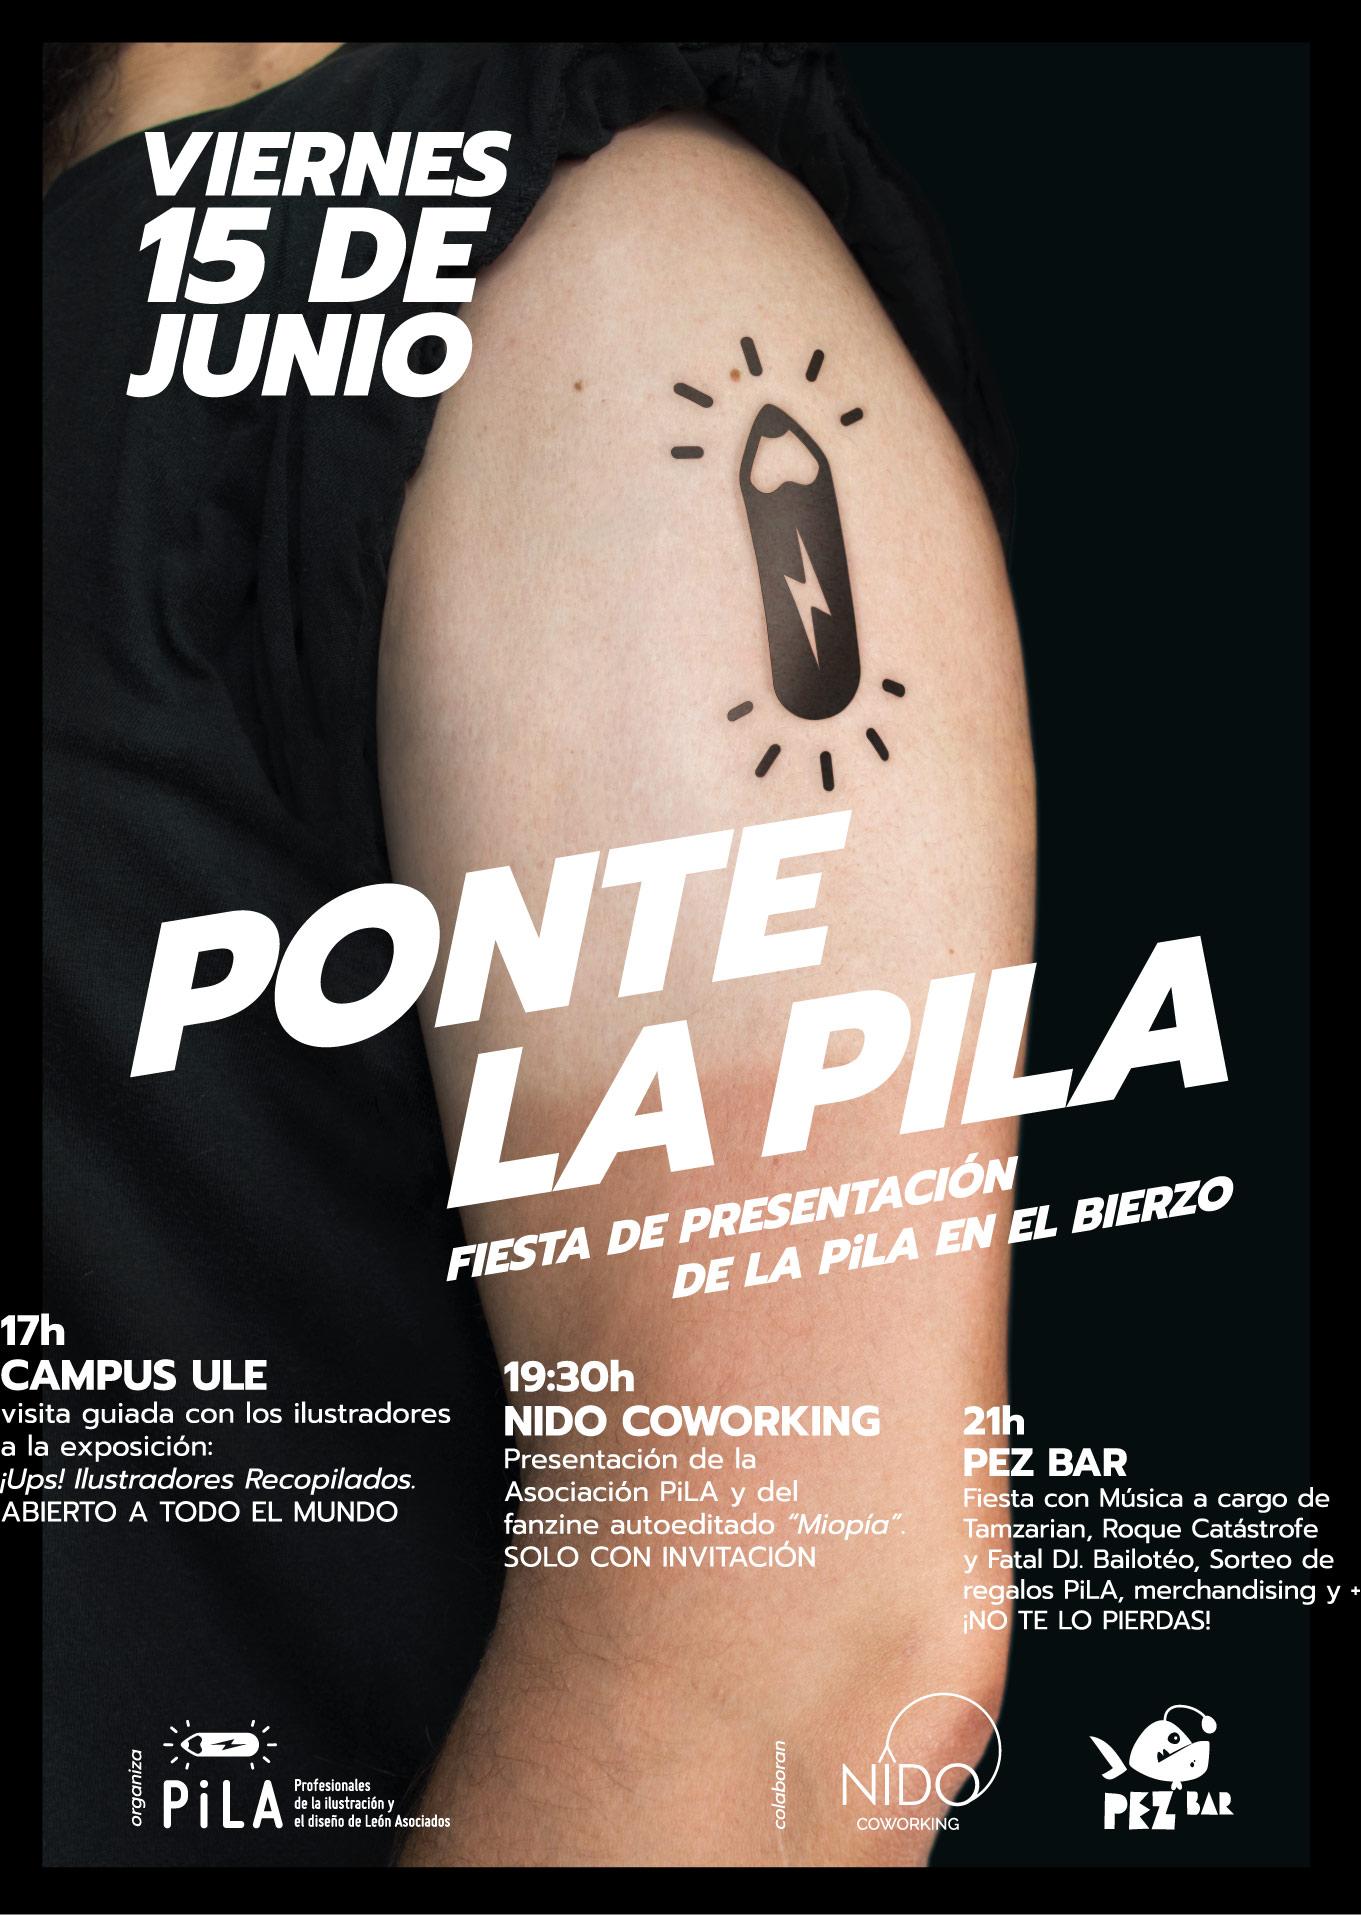 Cartel de la fiesta de presentación de la PiLa y Fanzine Miopía de la Asociación de ilustradores y diseñadores de León